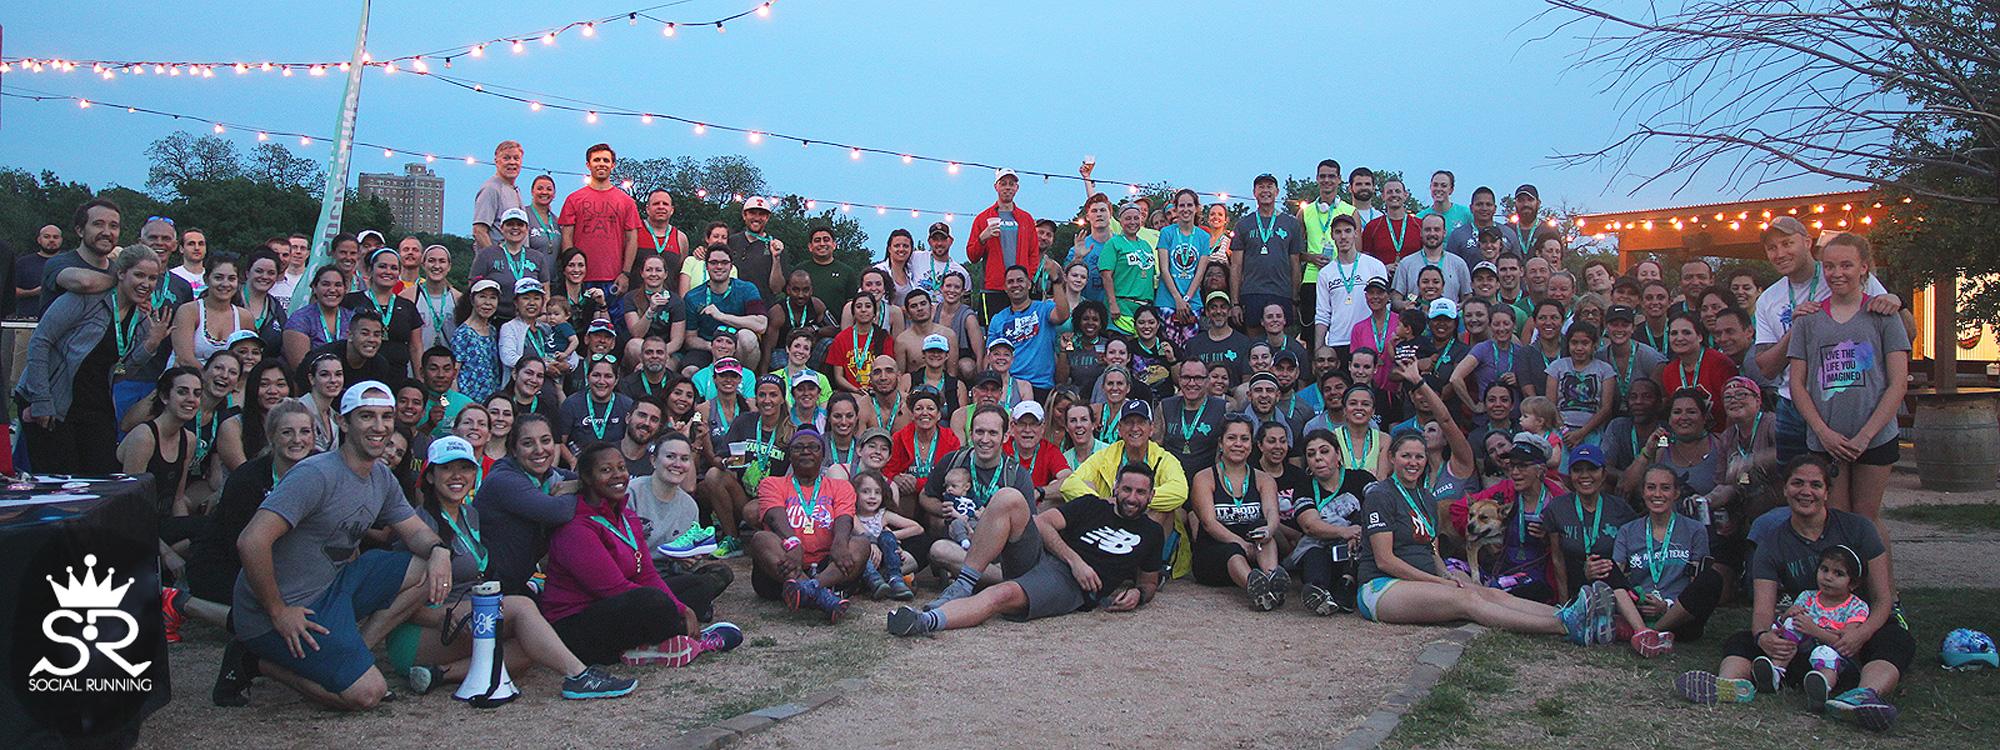 Social Running Fort Worth Running CLub